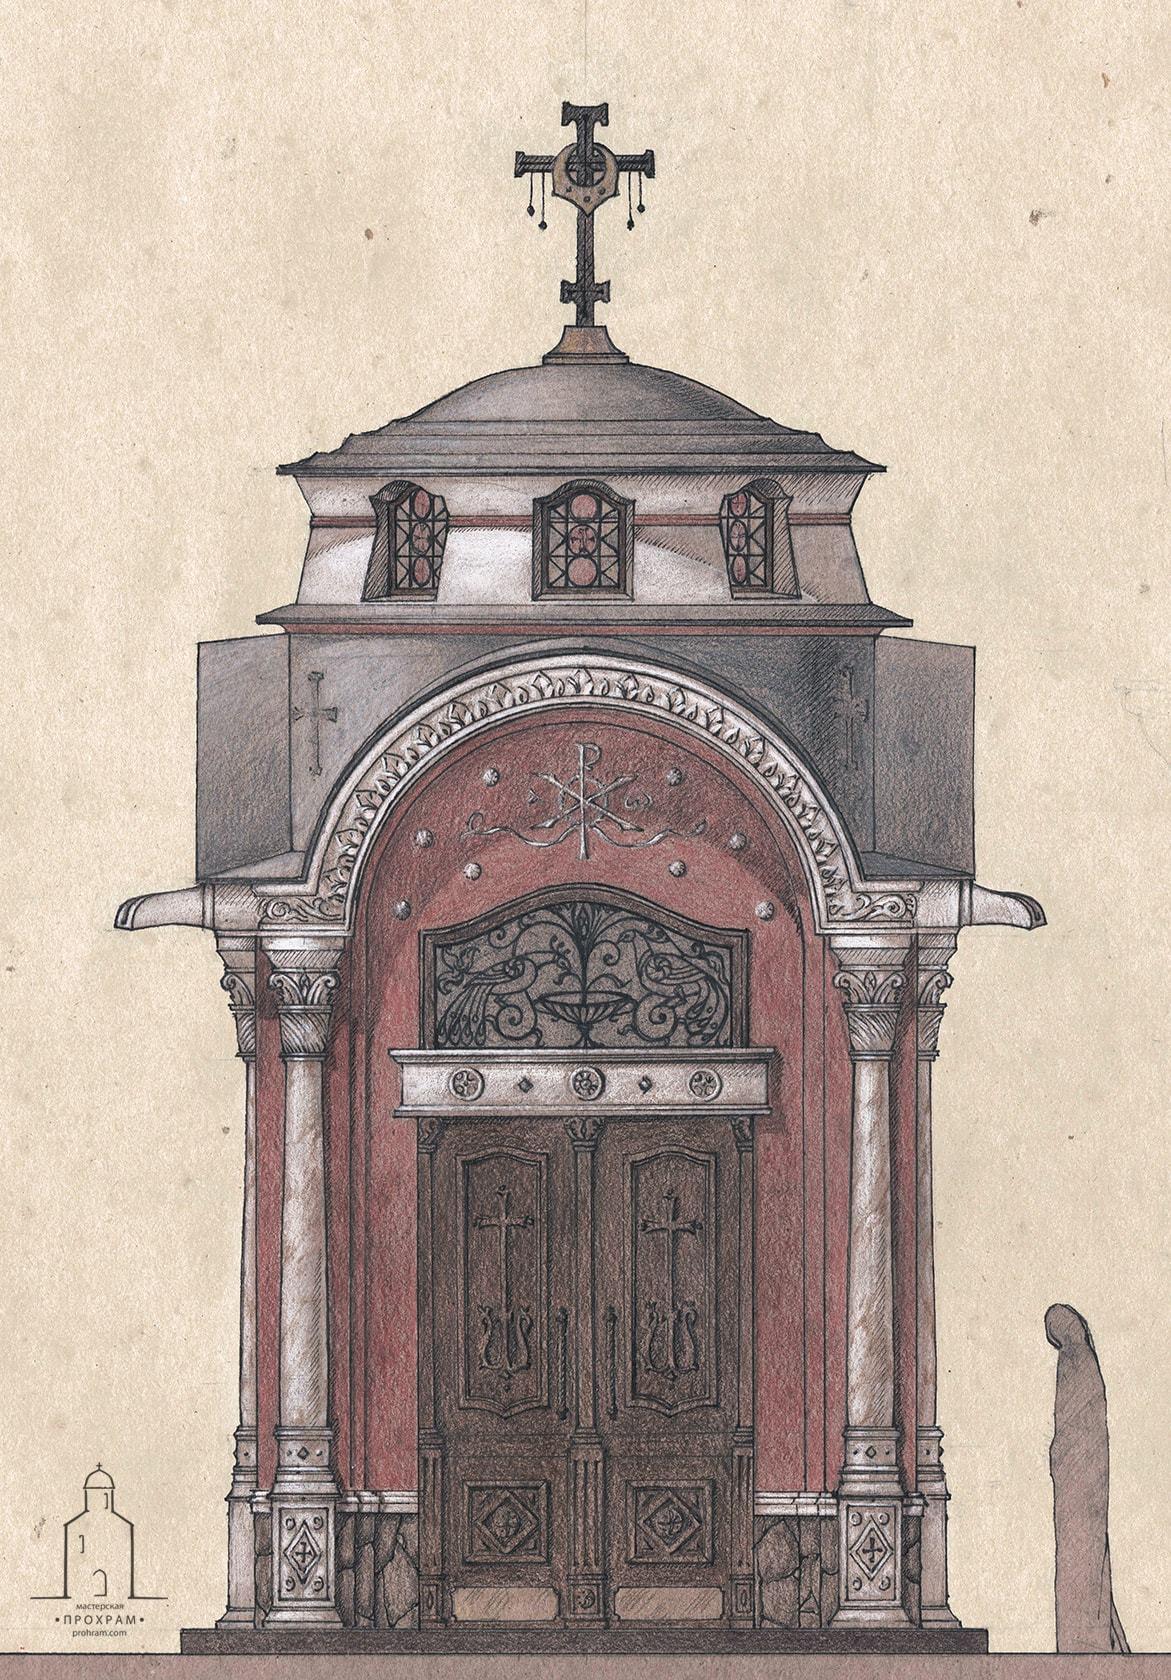 часовня в Минске, ручная графика, проект часовни, проектирование православных храмов, храмовая архитектура